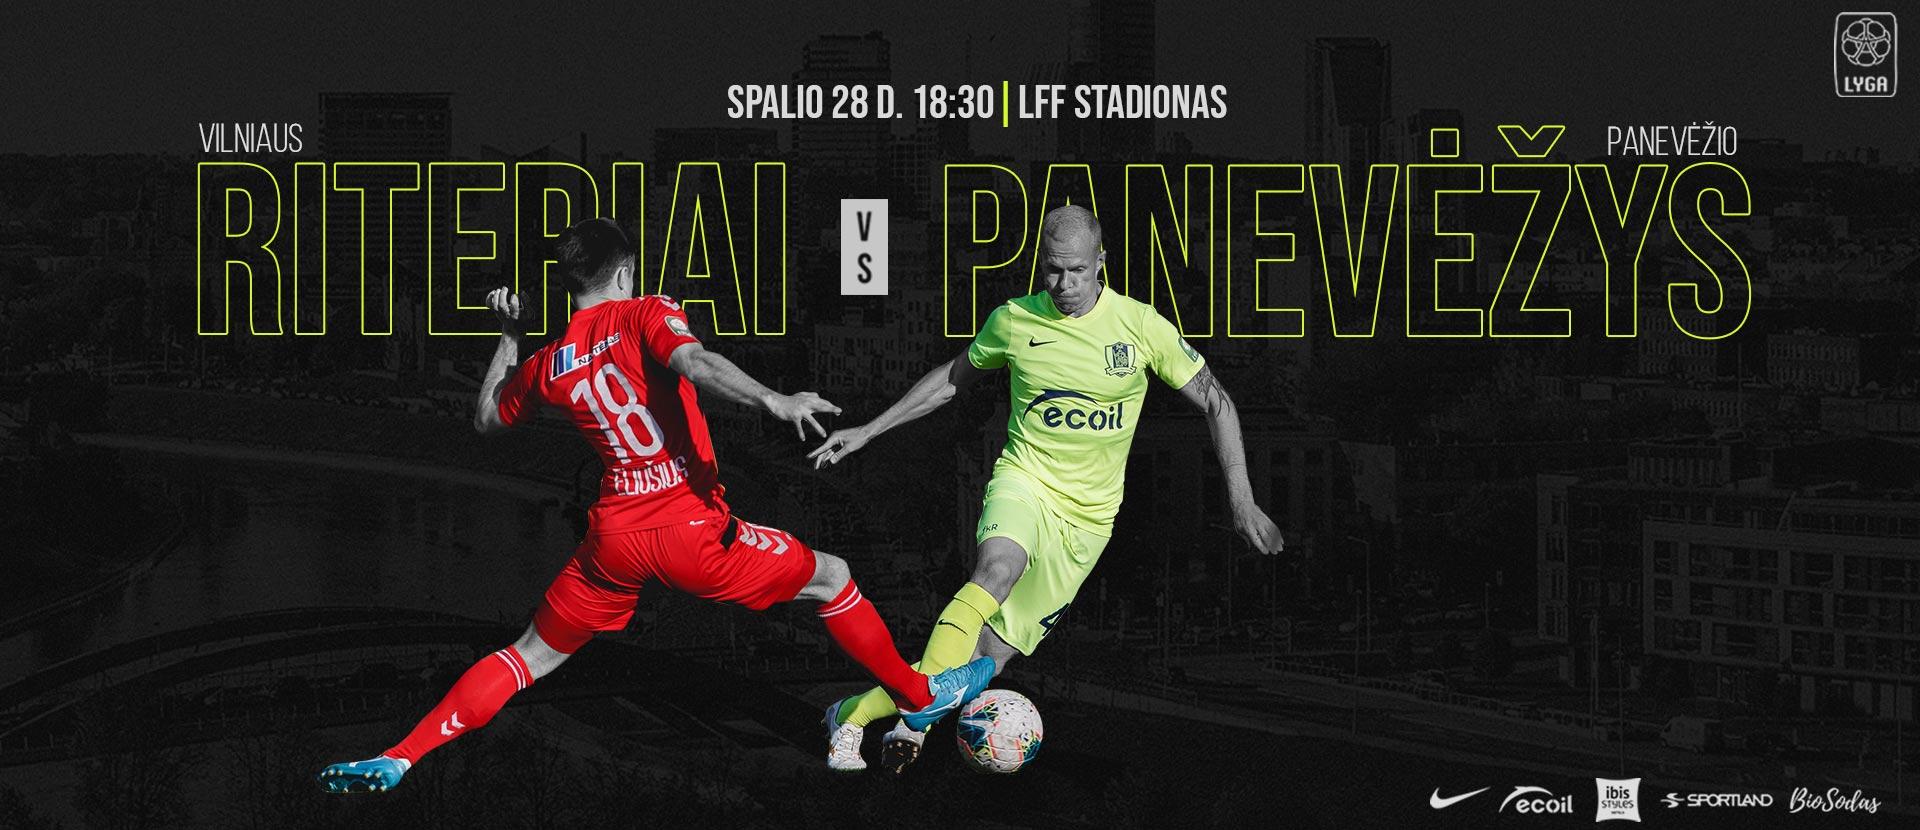 """Vilniaus """"Riteriai"""" futbolo klubo rungtynės A lygoje:"""